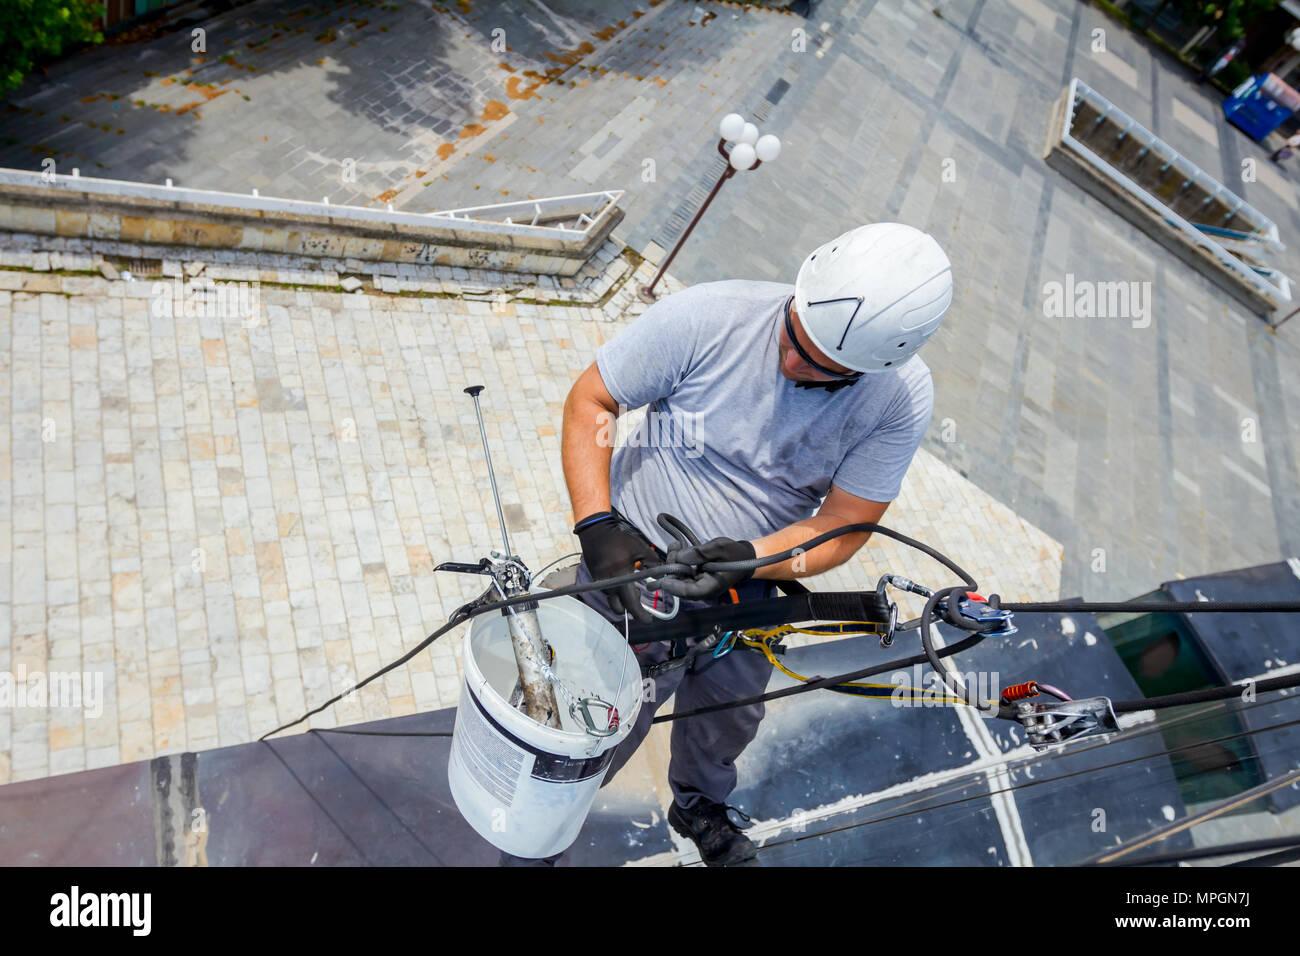 Kletterausrüstung Prüfen : Industriekletterer alpinisten passt die kletterausrüstung